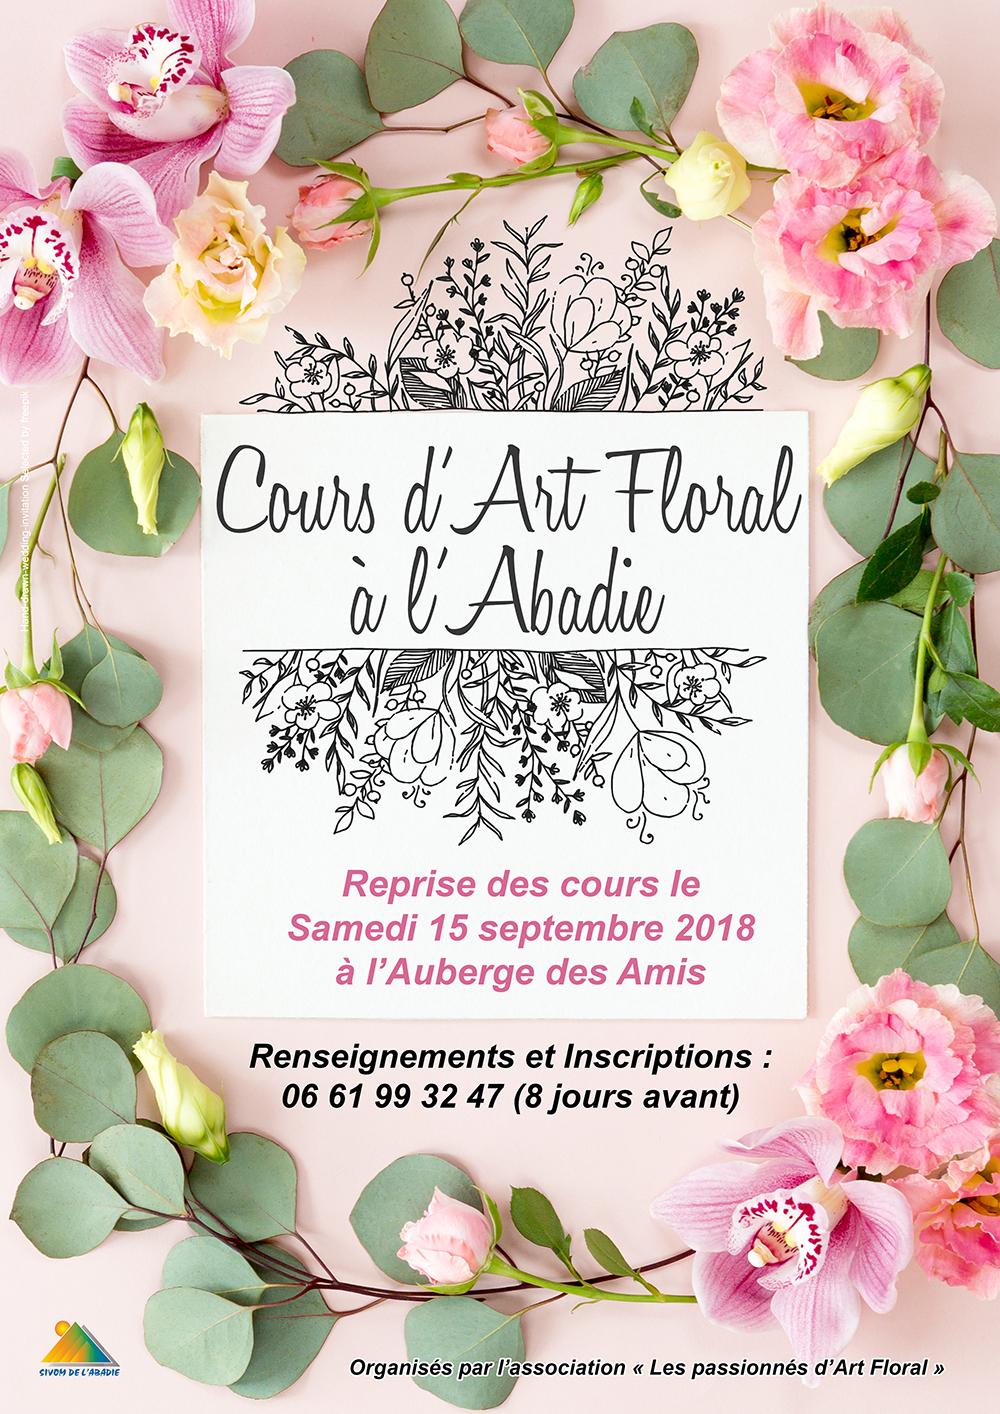 affiche Cours d'Art Floral à l'Abadie